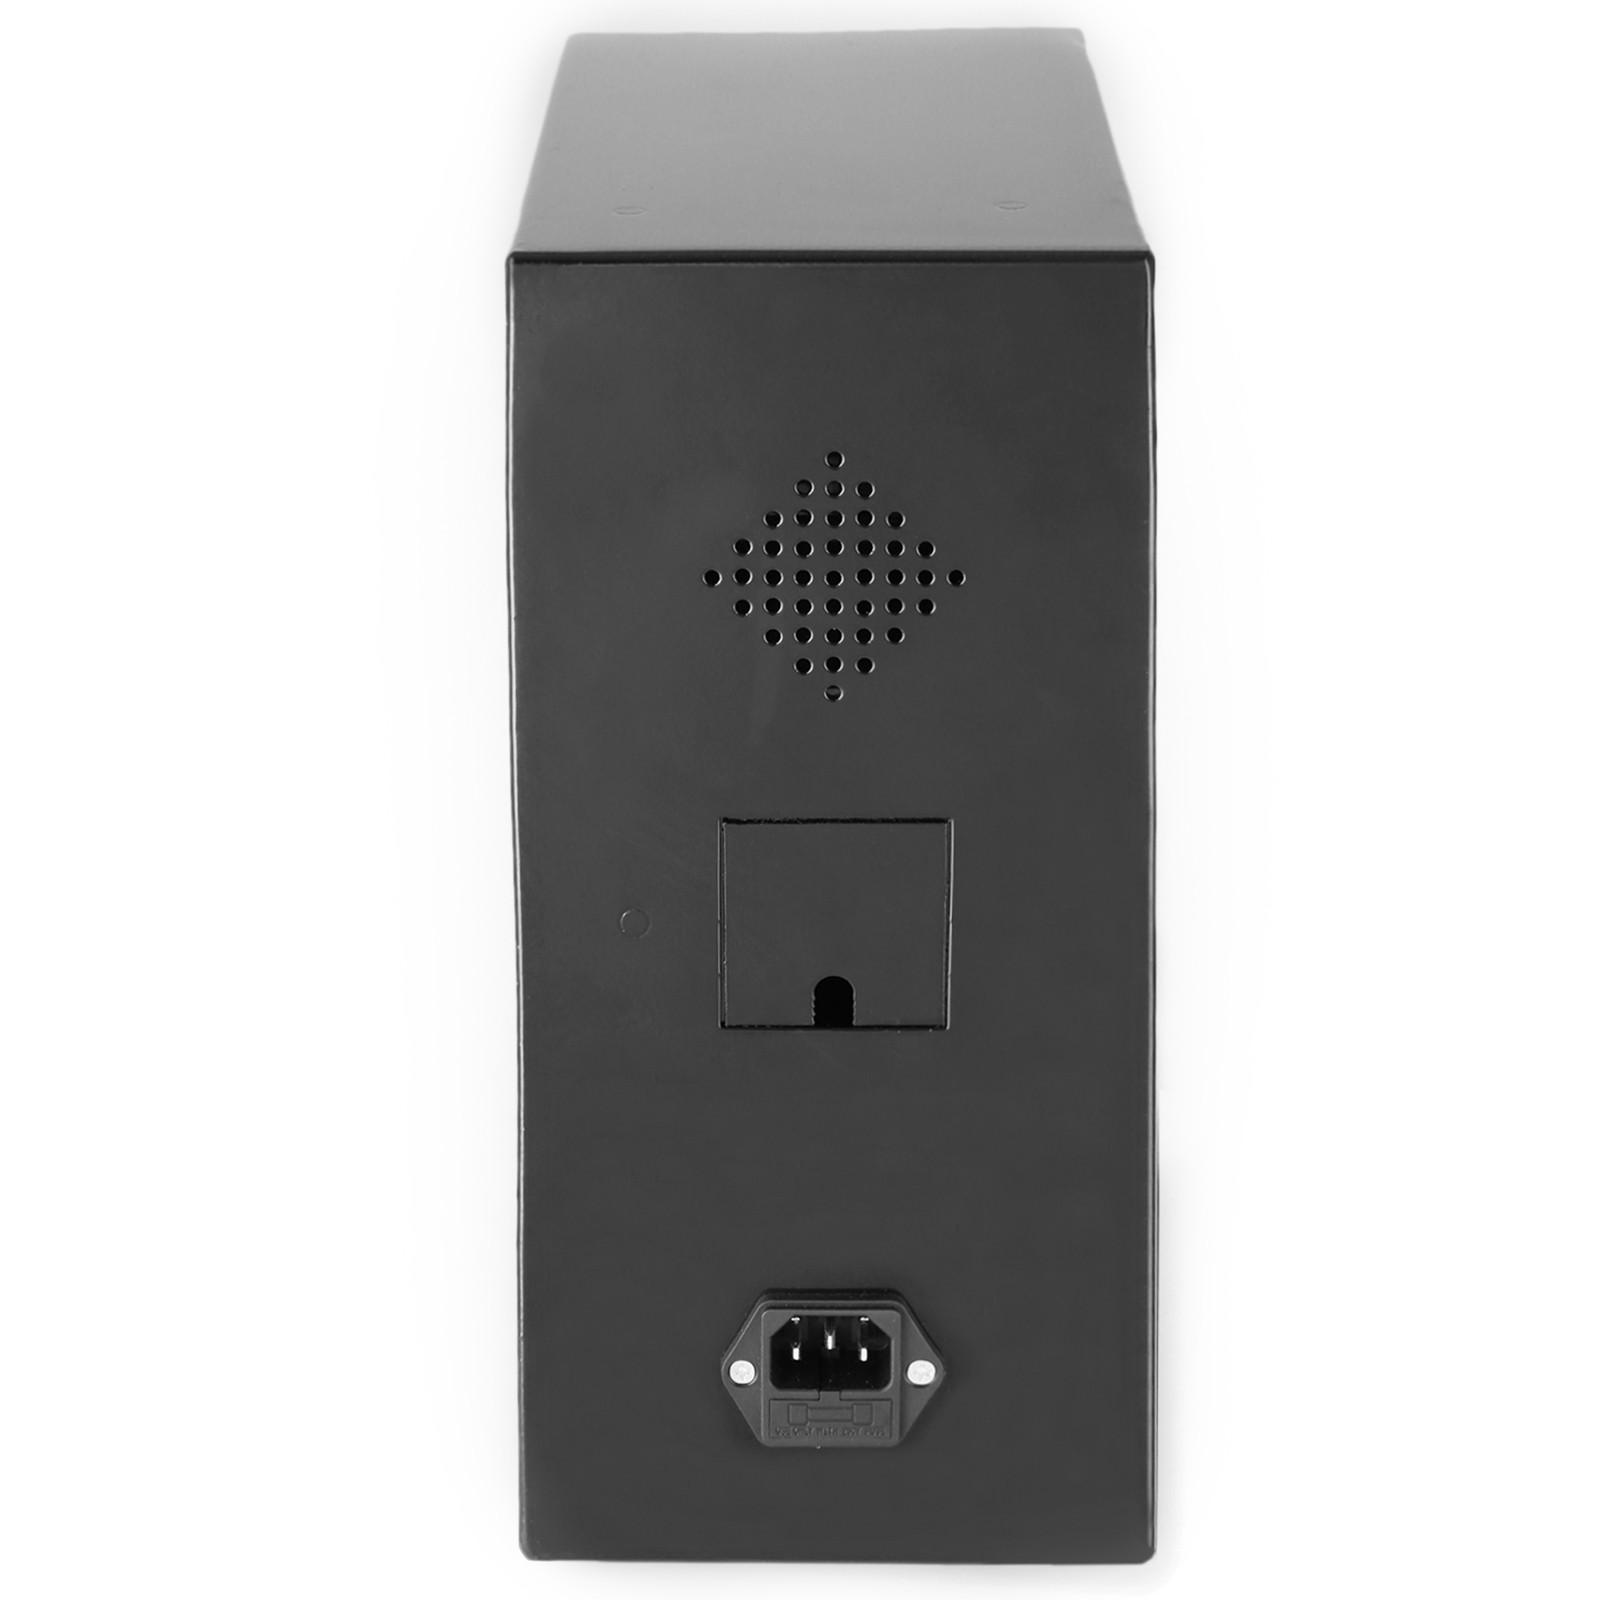 Monnaie-Distributeur-Munzkassierer-Zeiteinstellung-Munzprufer-Munzautomat miniature 3